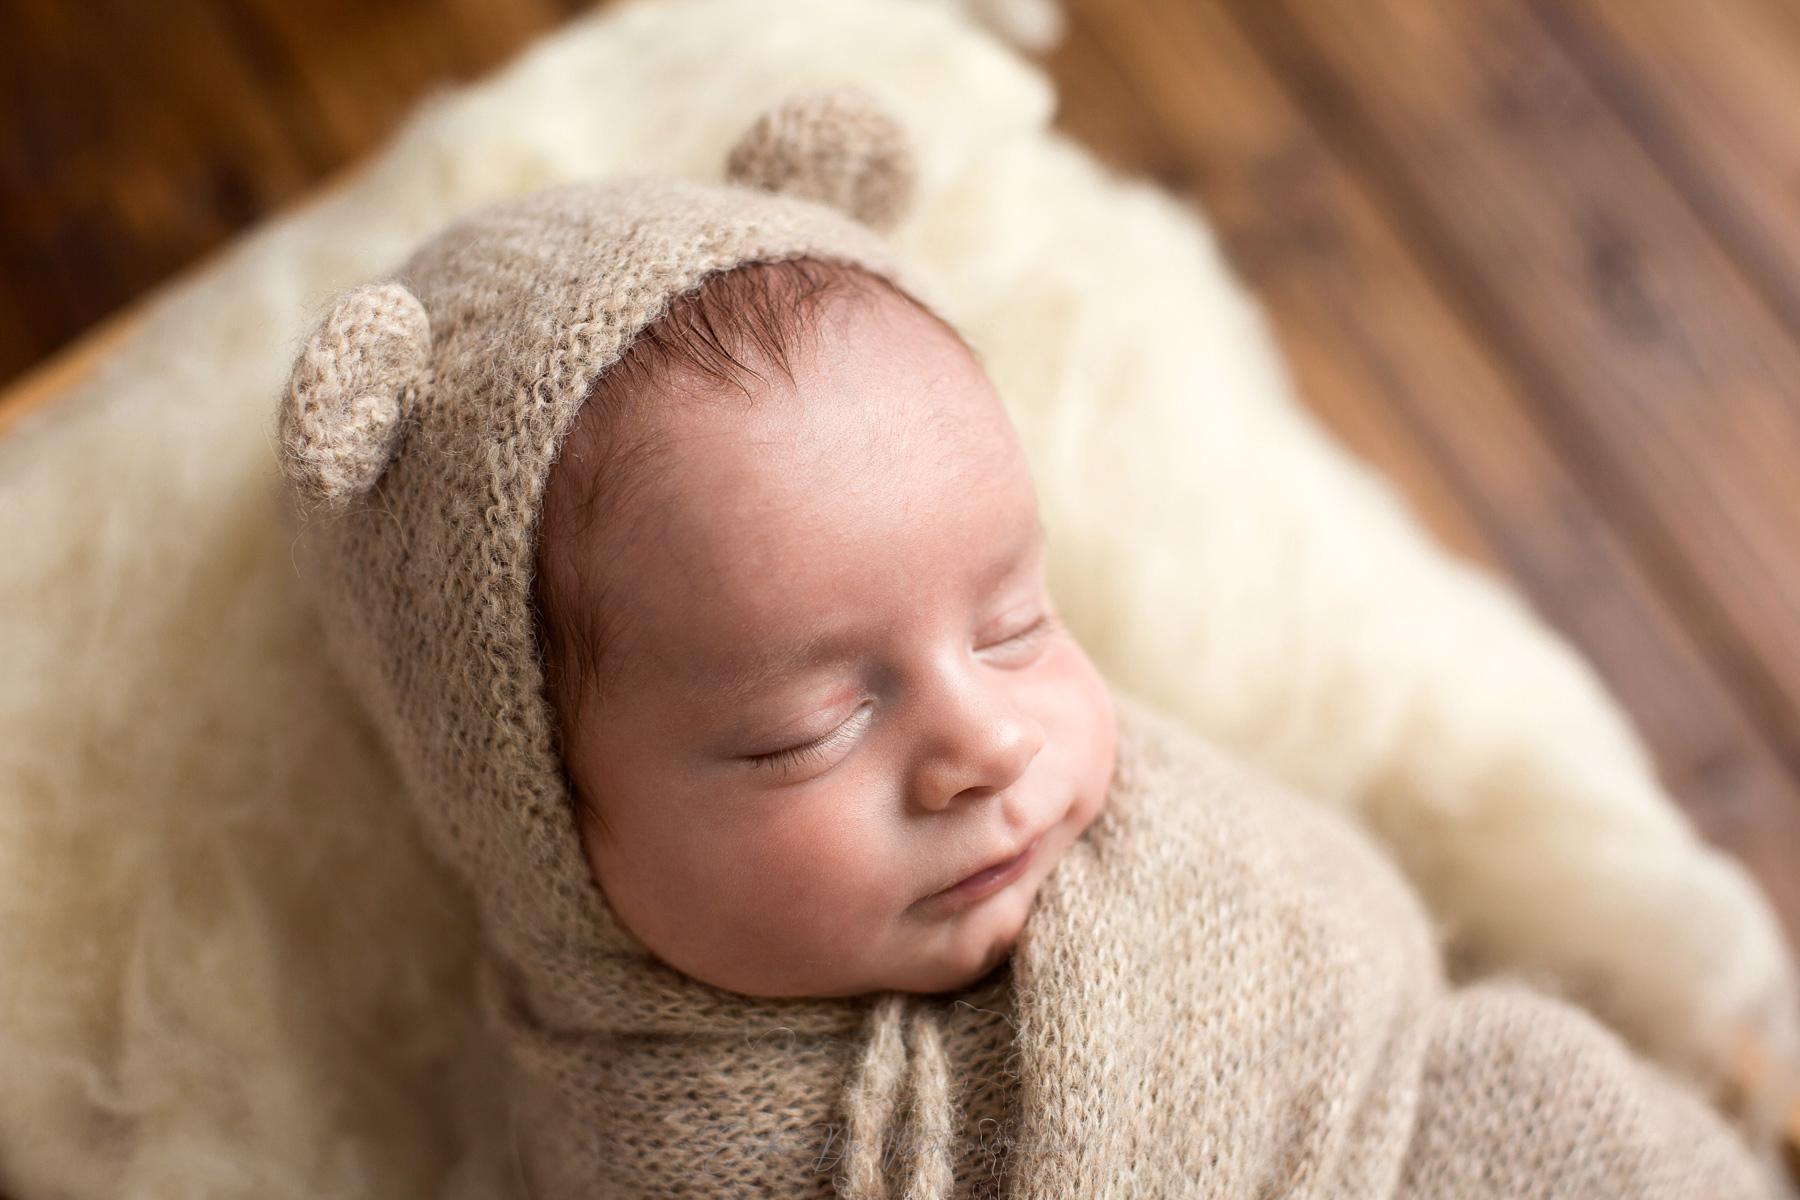 fotografia neonato con cappello orso